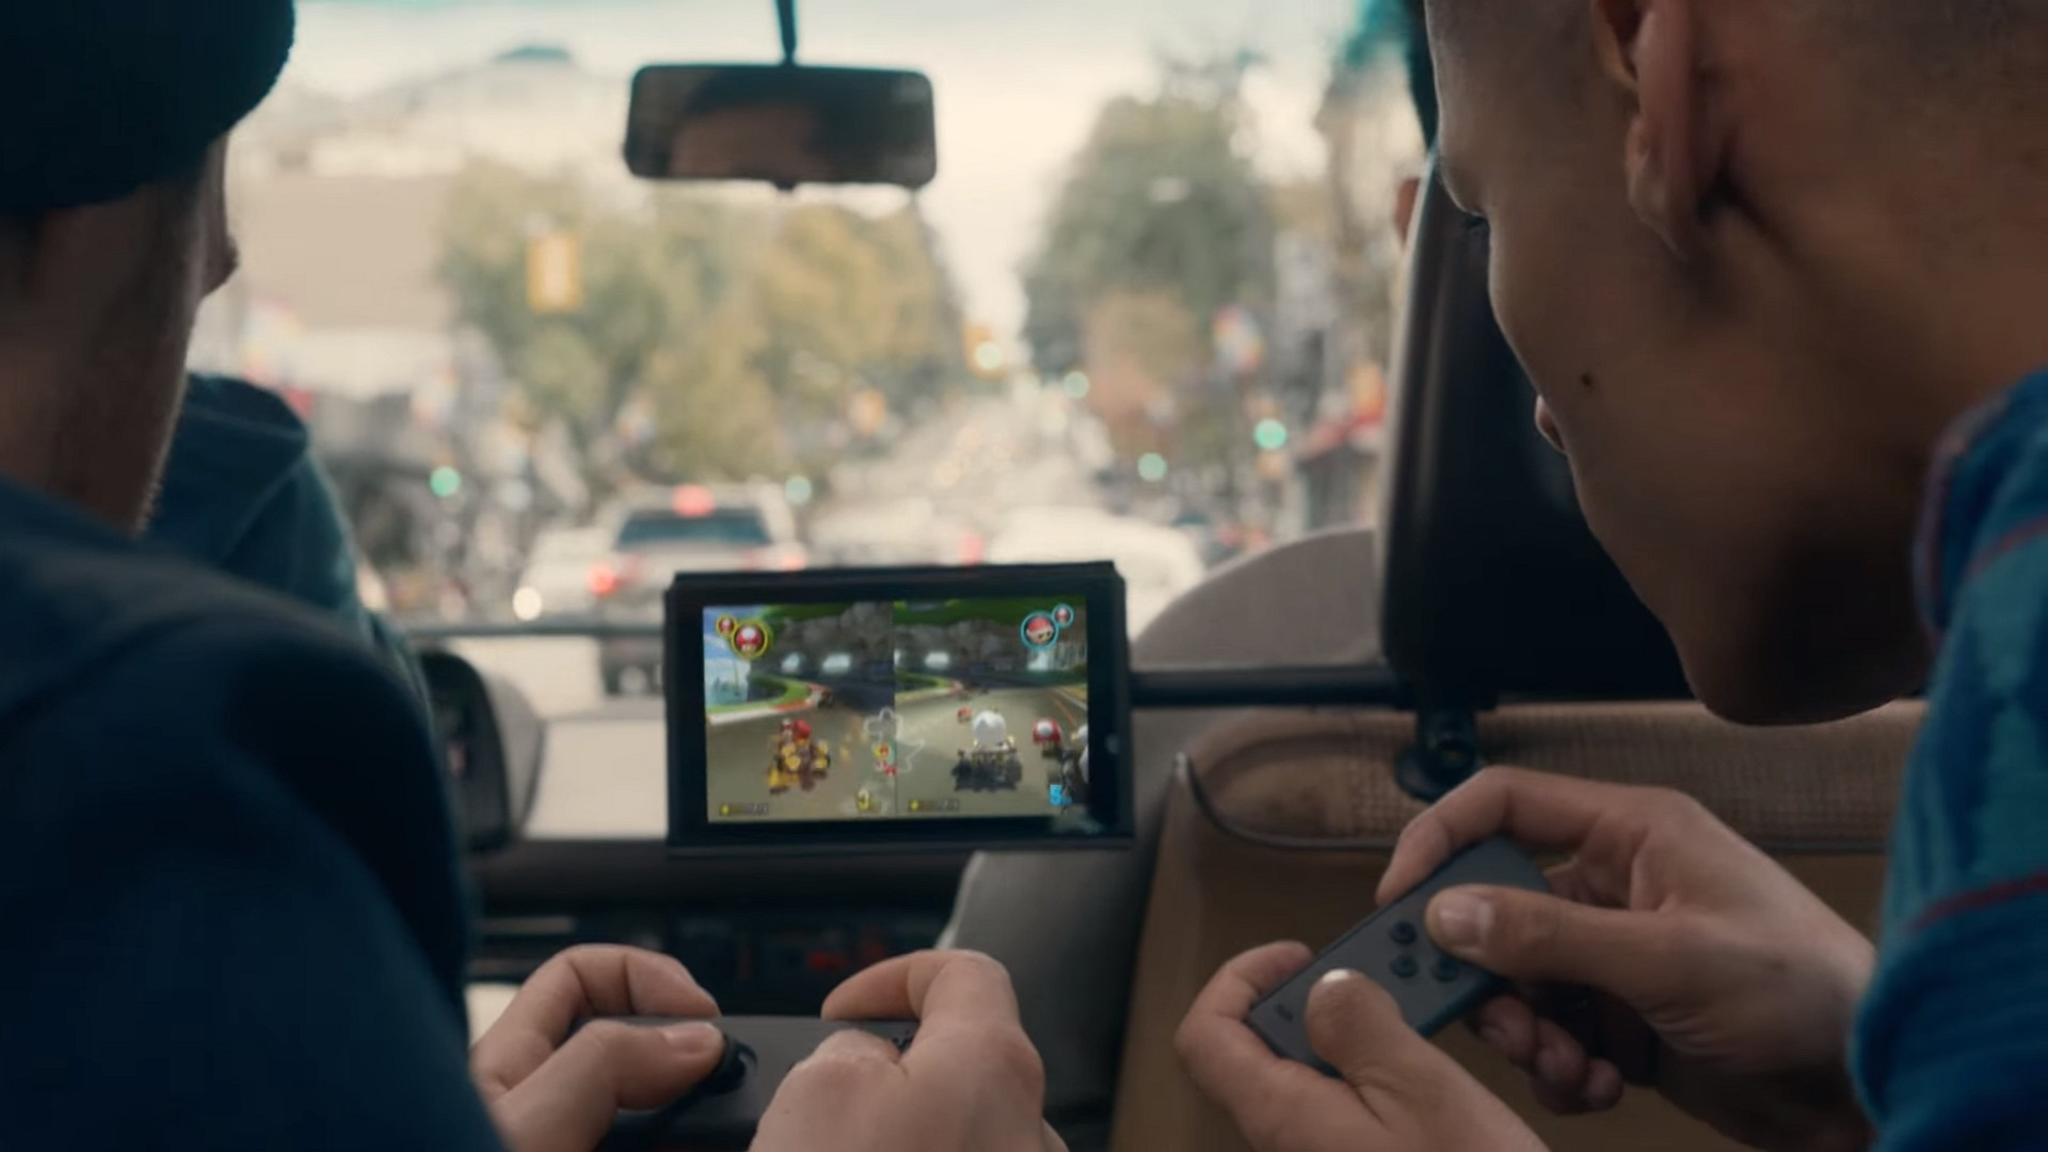 Ein Mario-Titel erscheint gleichzeitig mit dem Release der Switch-Konsole.